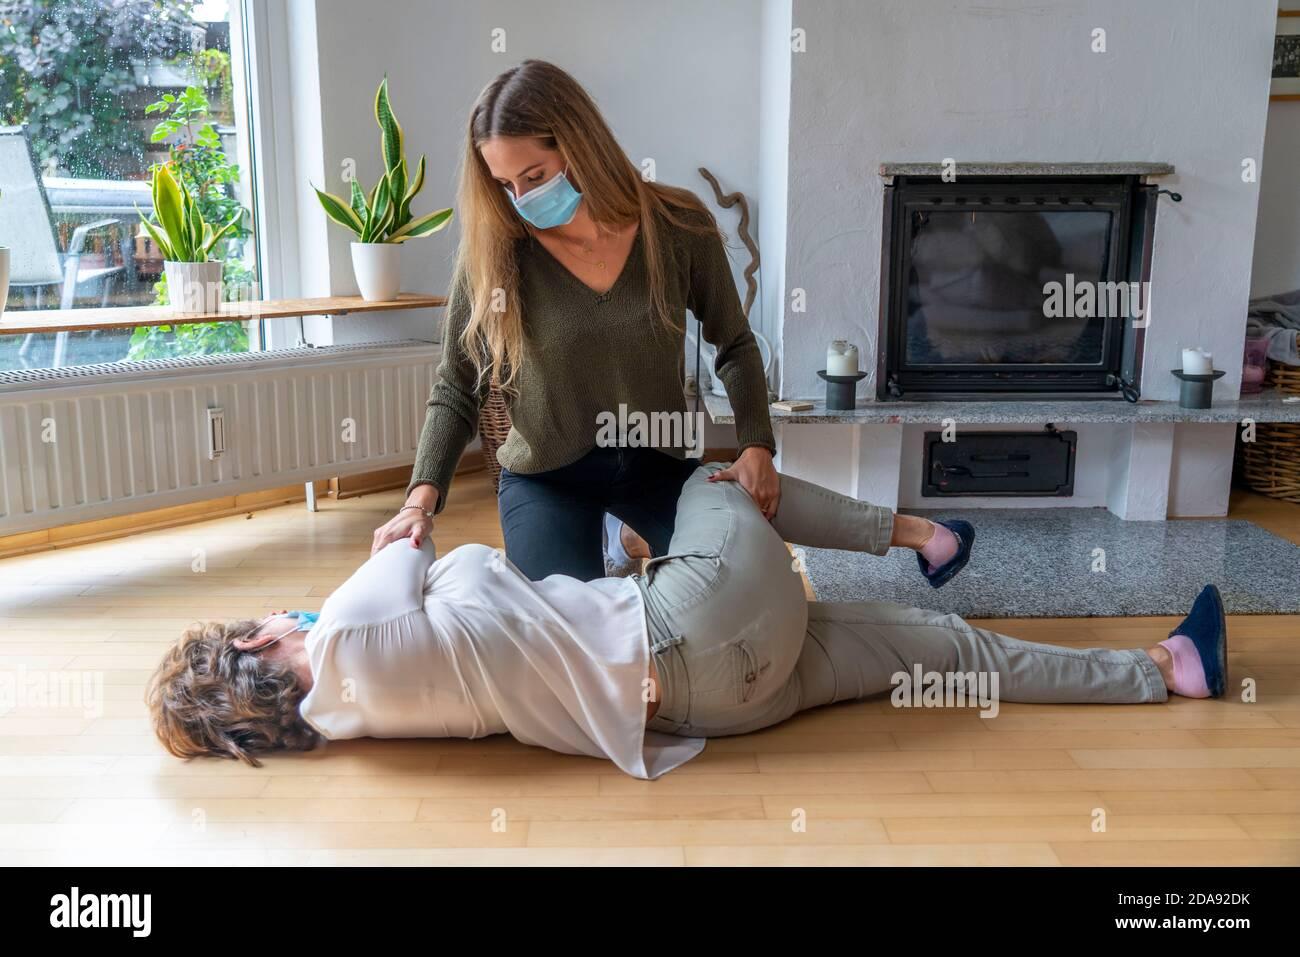 Erste Hilfe Massnahmen unter Corona-Bedingungen, stabile Seitenlage, nach einem Fall im der Wohnung, mit Mund-Nase-Maske, beim Ersthelfer Leistung Stockfoto